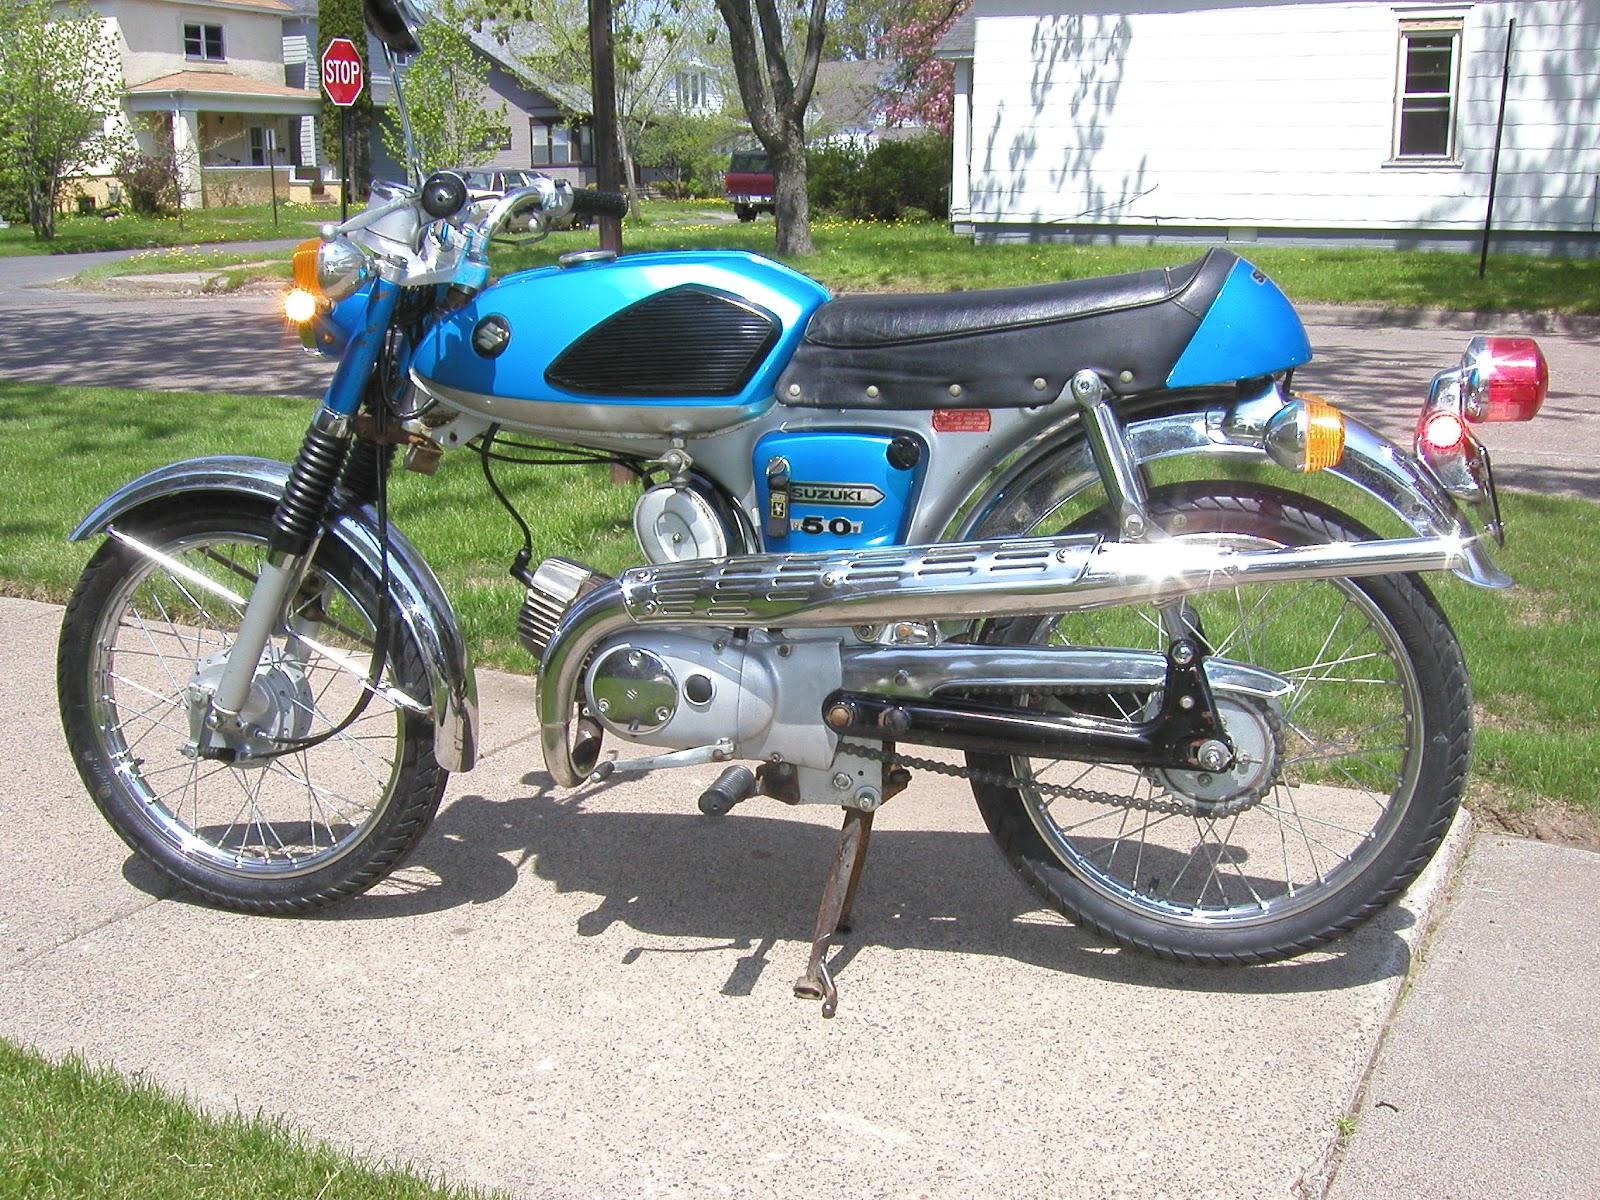 wrg 6242 1969 suzuki as50 wiring diagram 1969 suzuki as50 wiring diagram [ 1600 x 1200 Pixel ]